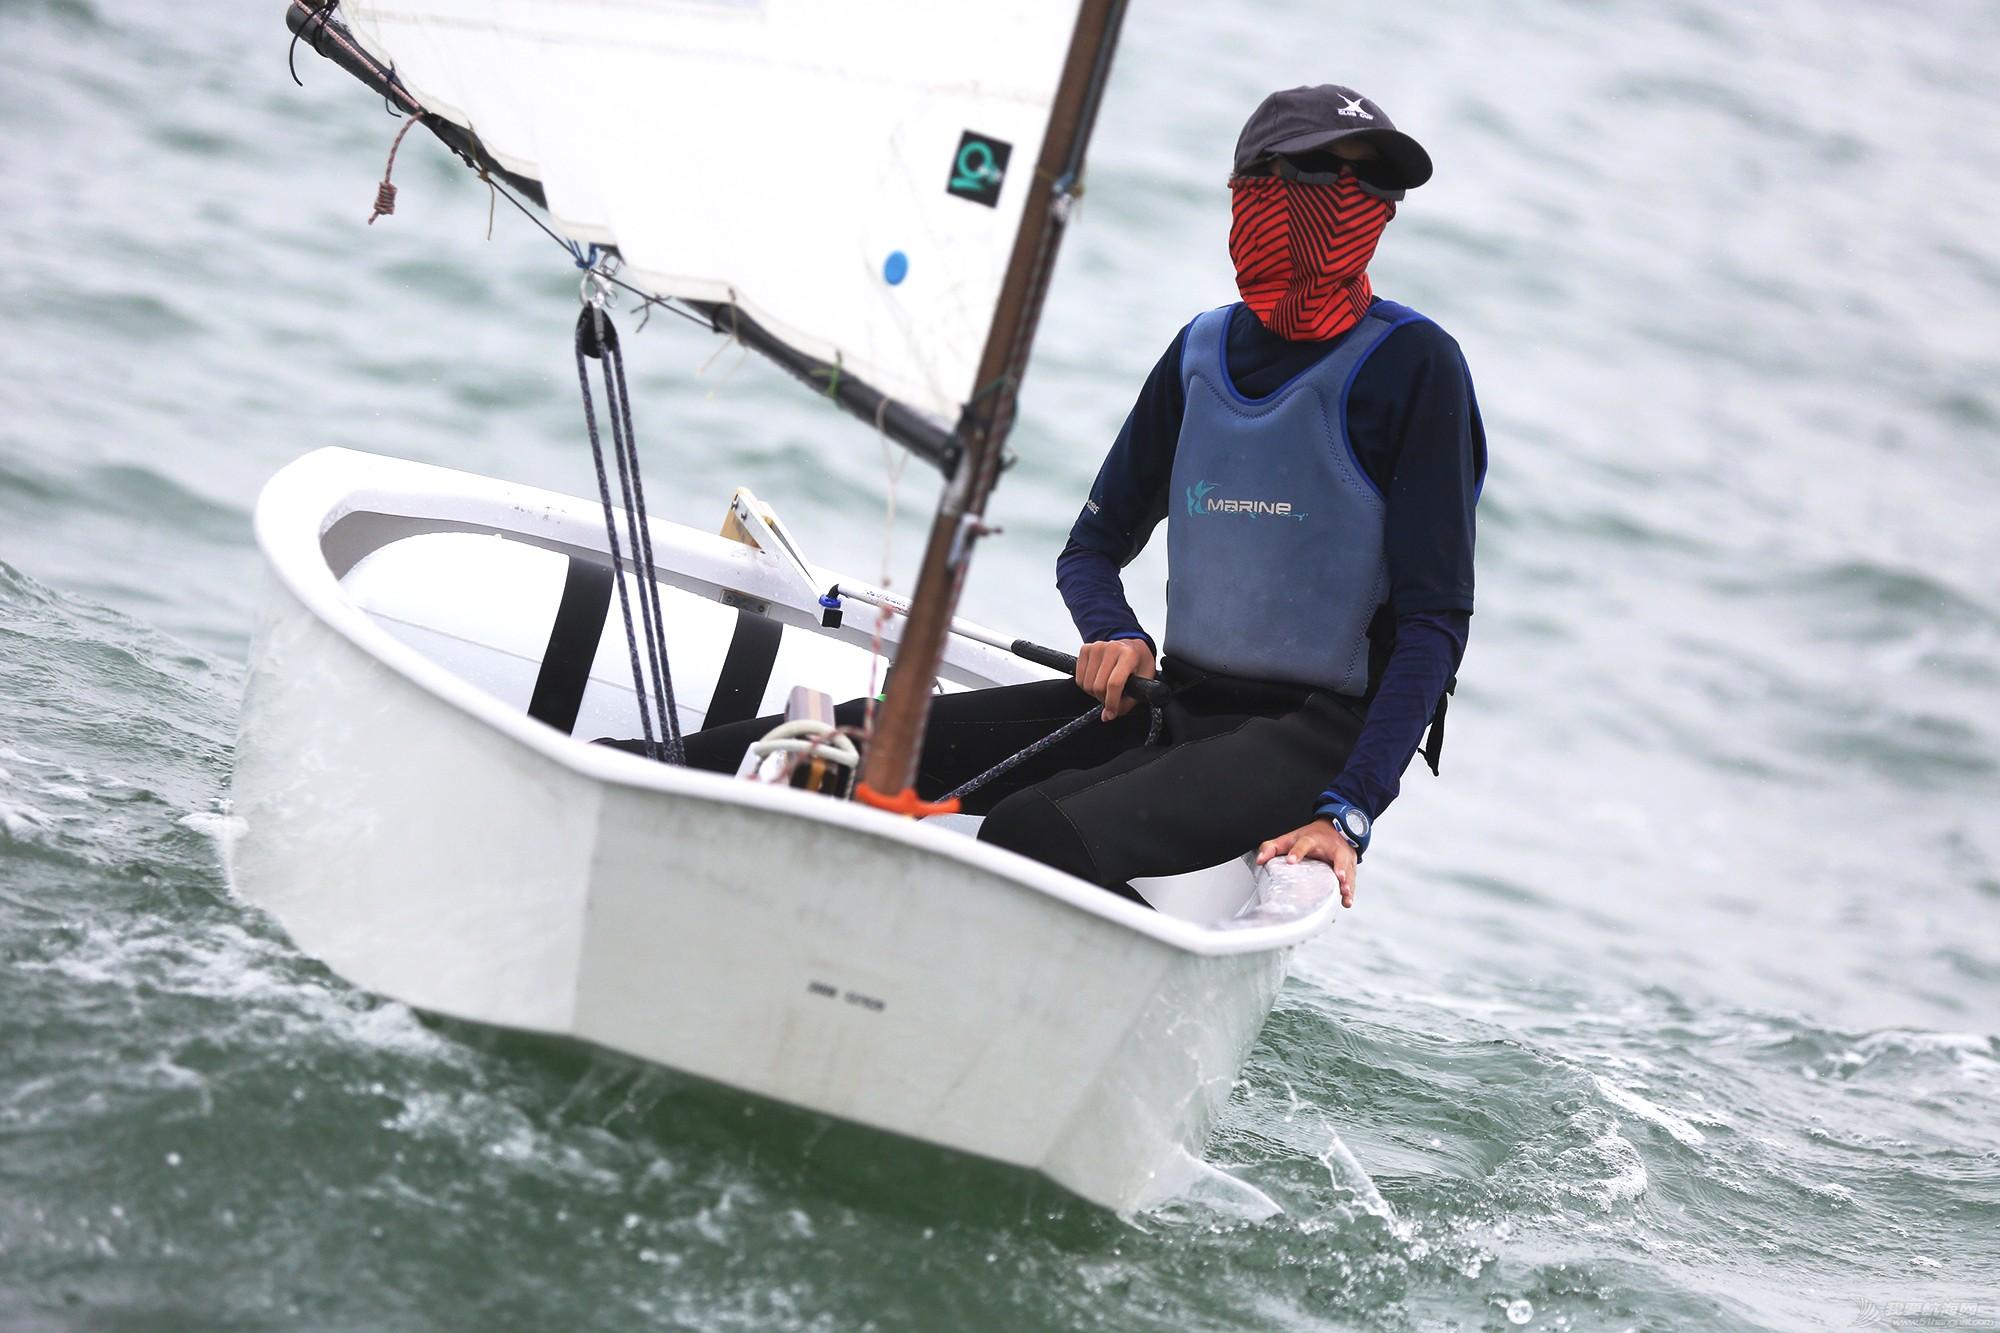 山东省,运动员,冠军赛,天气,帆板 风生水起,怎奈个个都是浪里白条——山东省帆船帆板冠军赛第二天赛况 5V8A2586副本.jpg